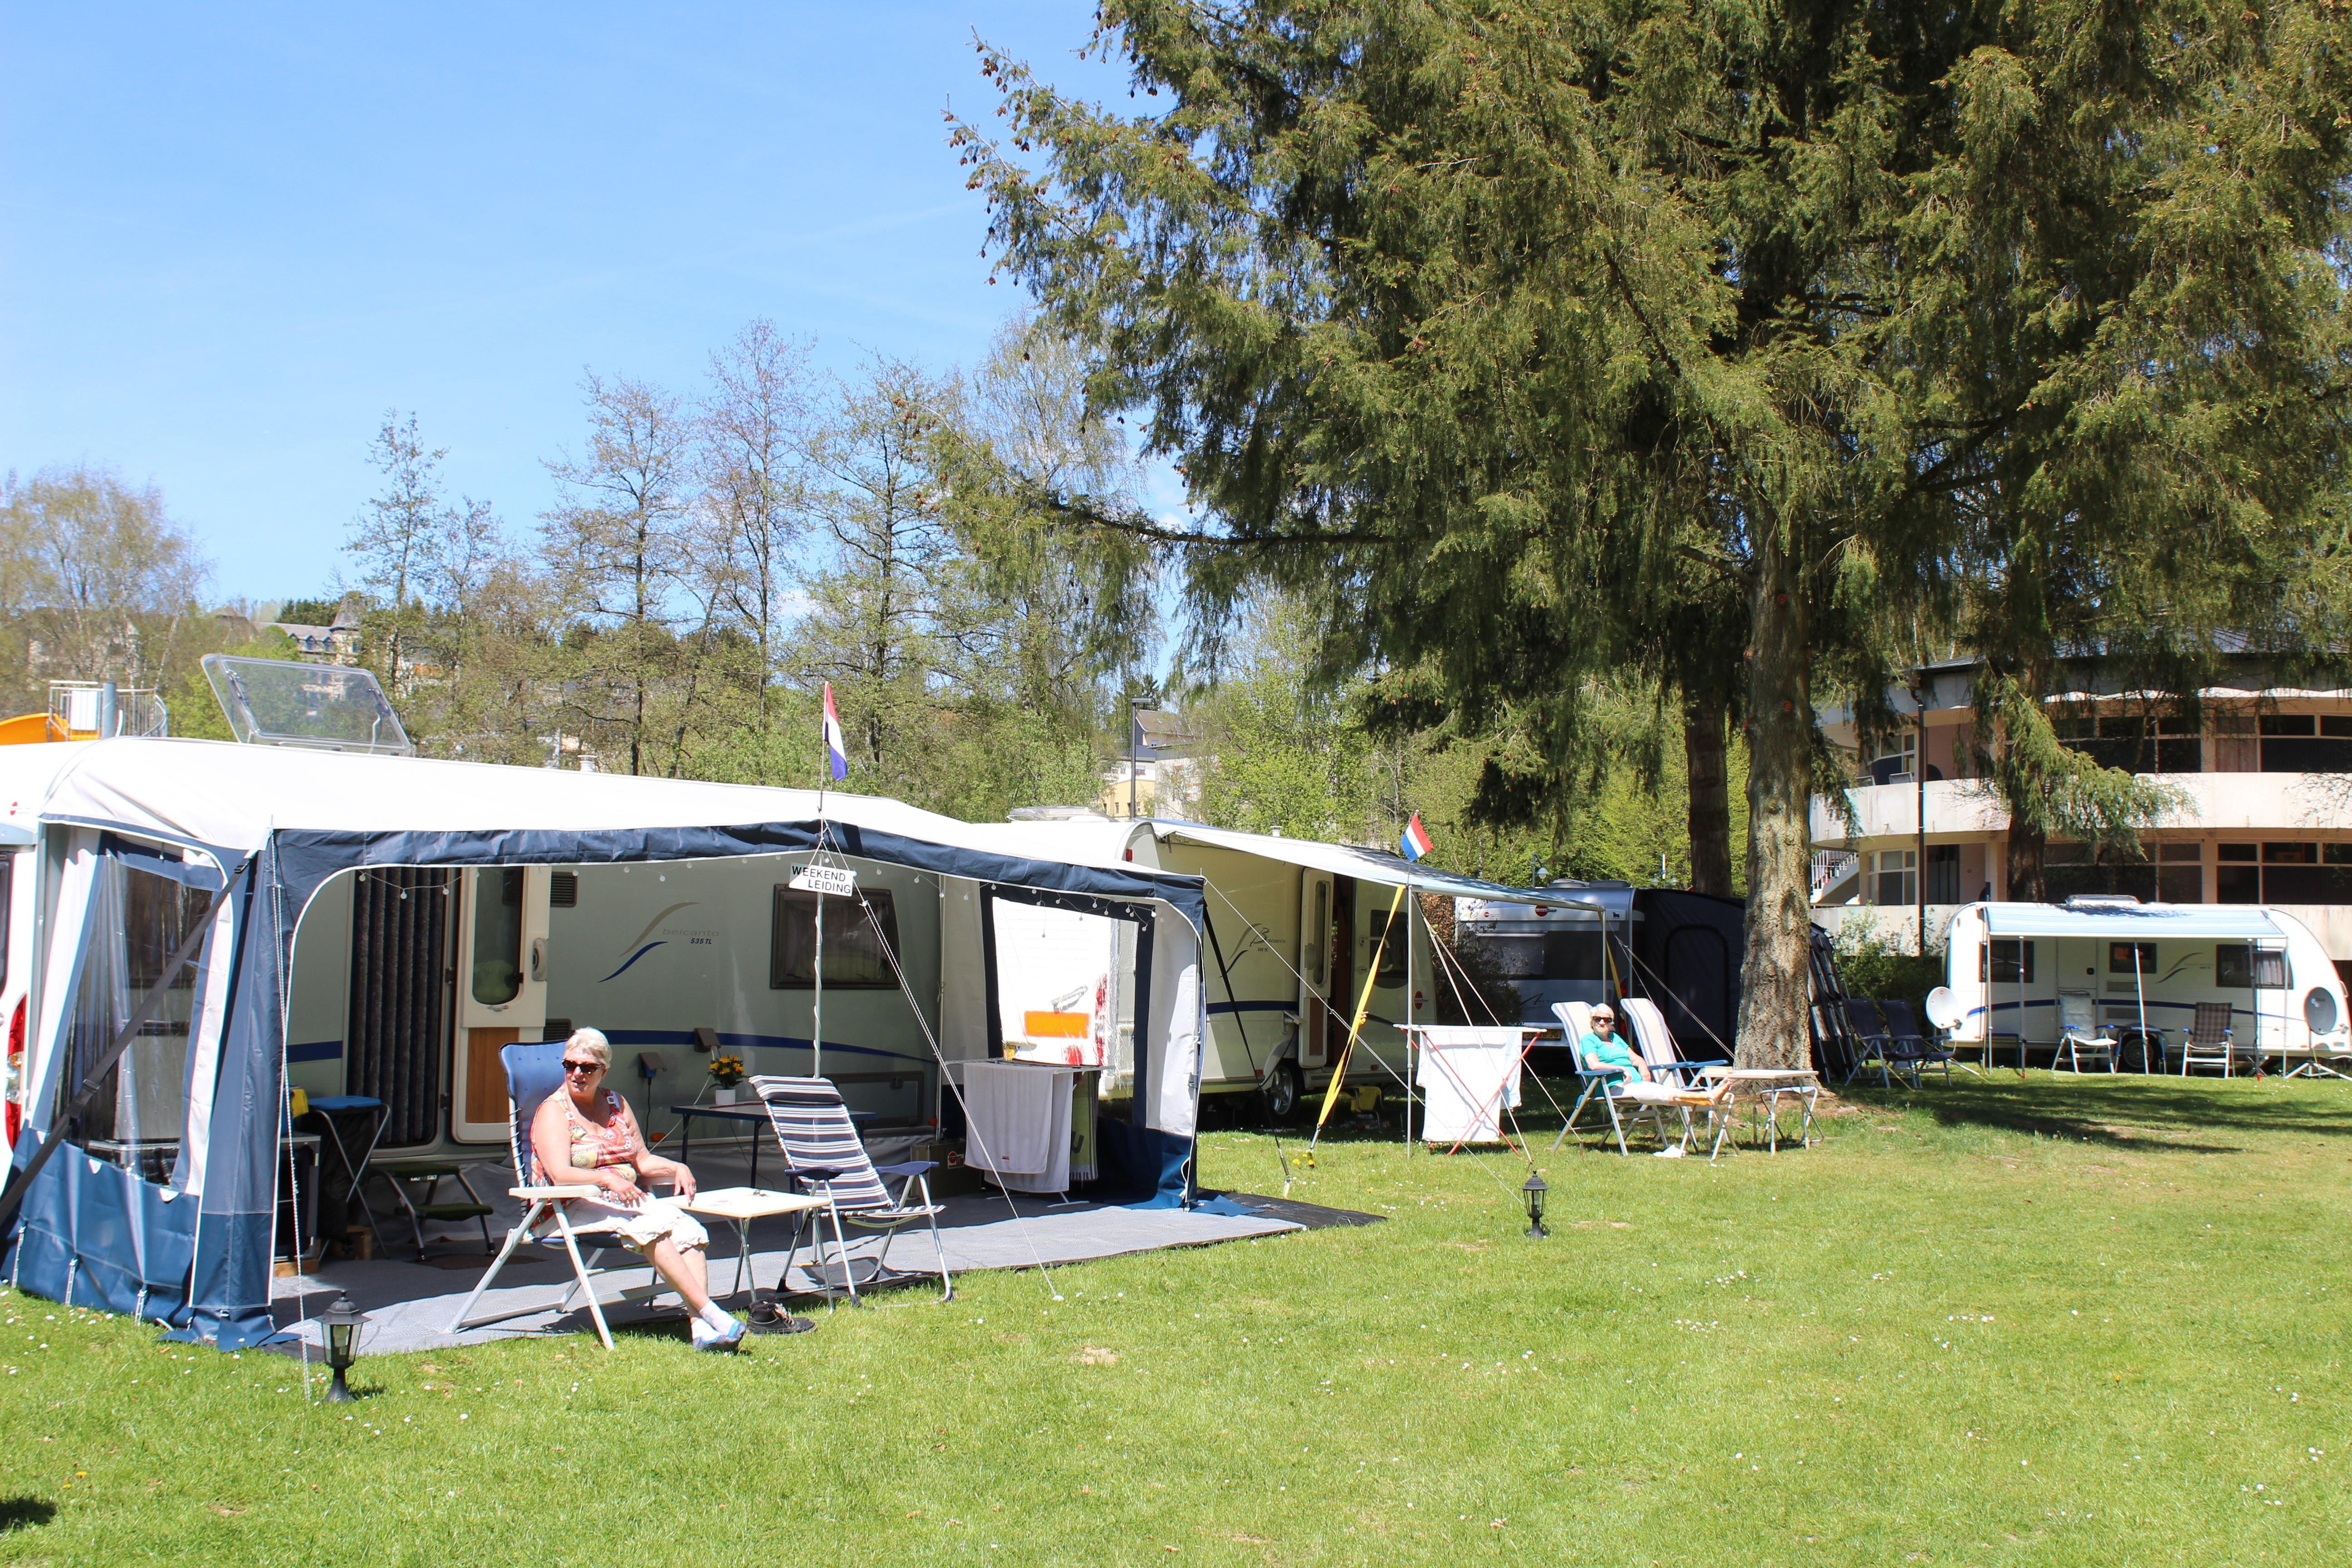 Standplaats caravan/tent +1 auto en 1 persooon